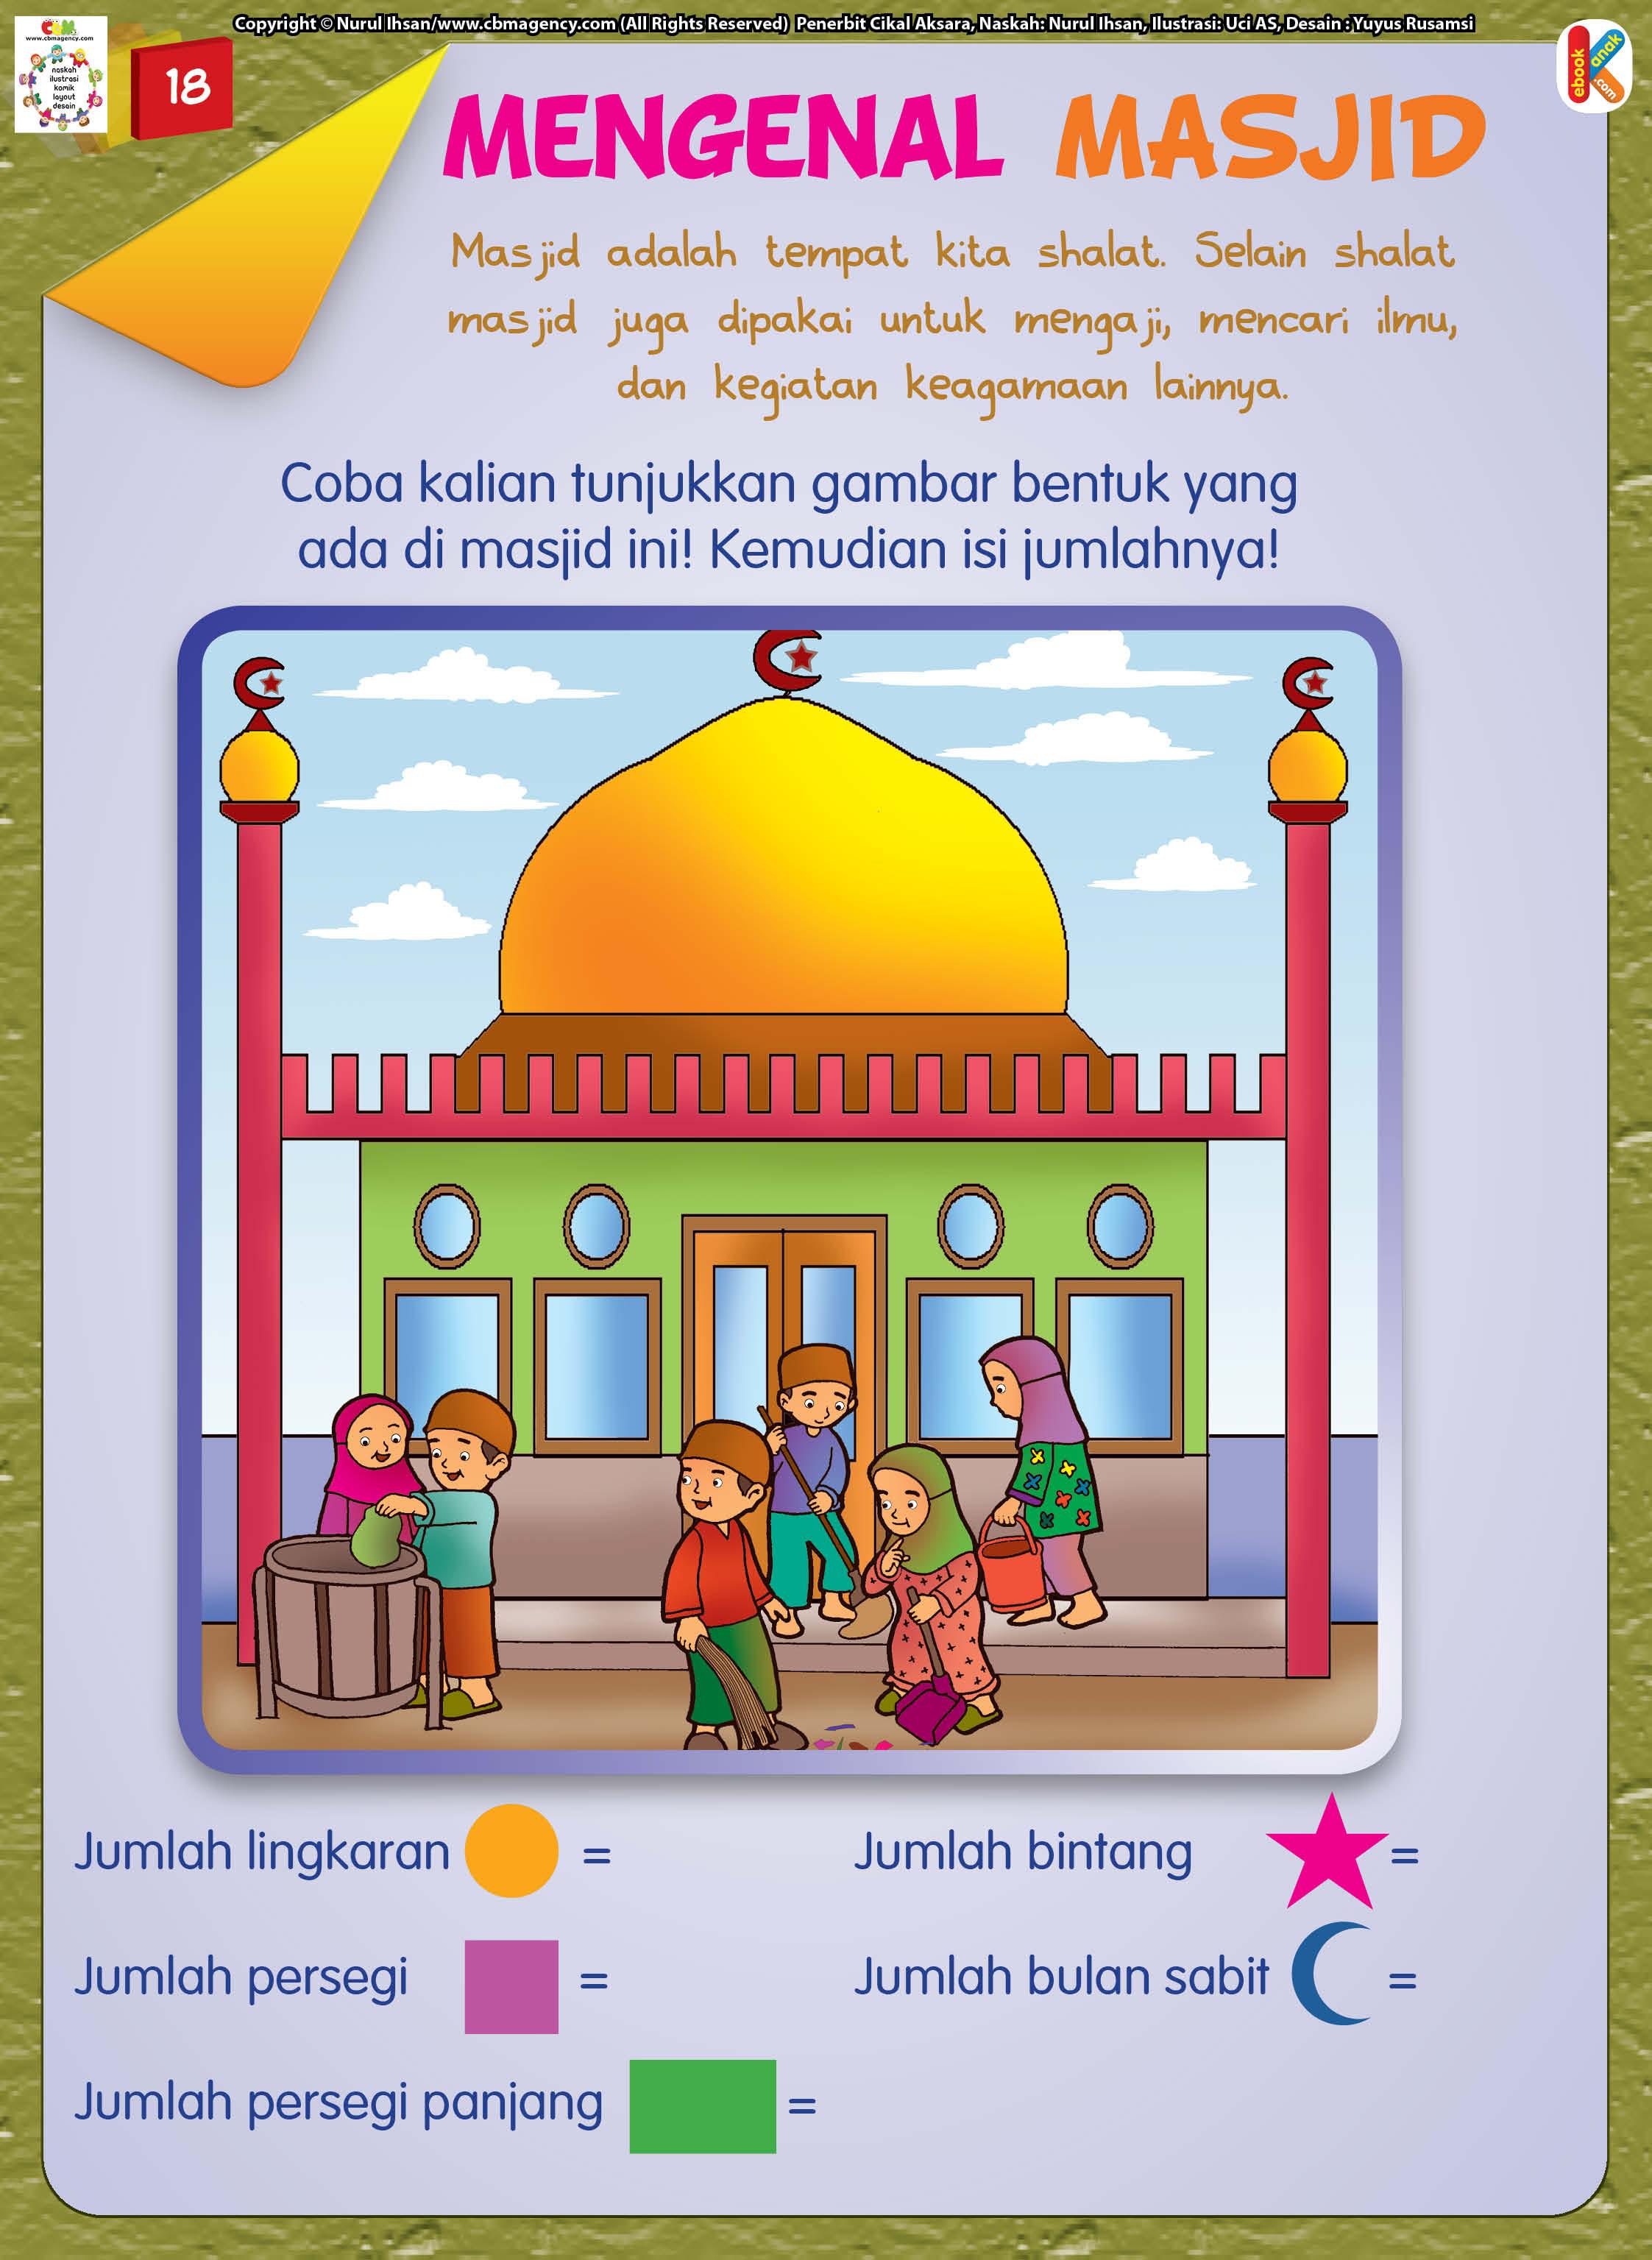 Selain untuk shalat, masjid juga dipakai untuk mengaji, mencari ilmu, dan kegiatan keagamaan lainnya.